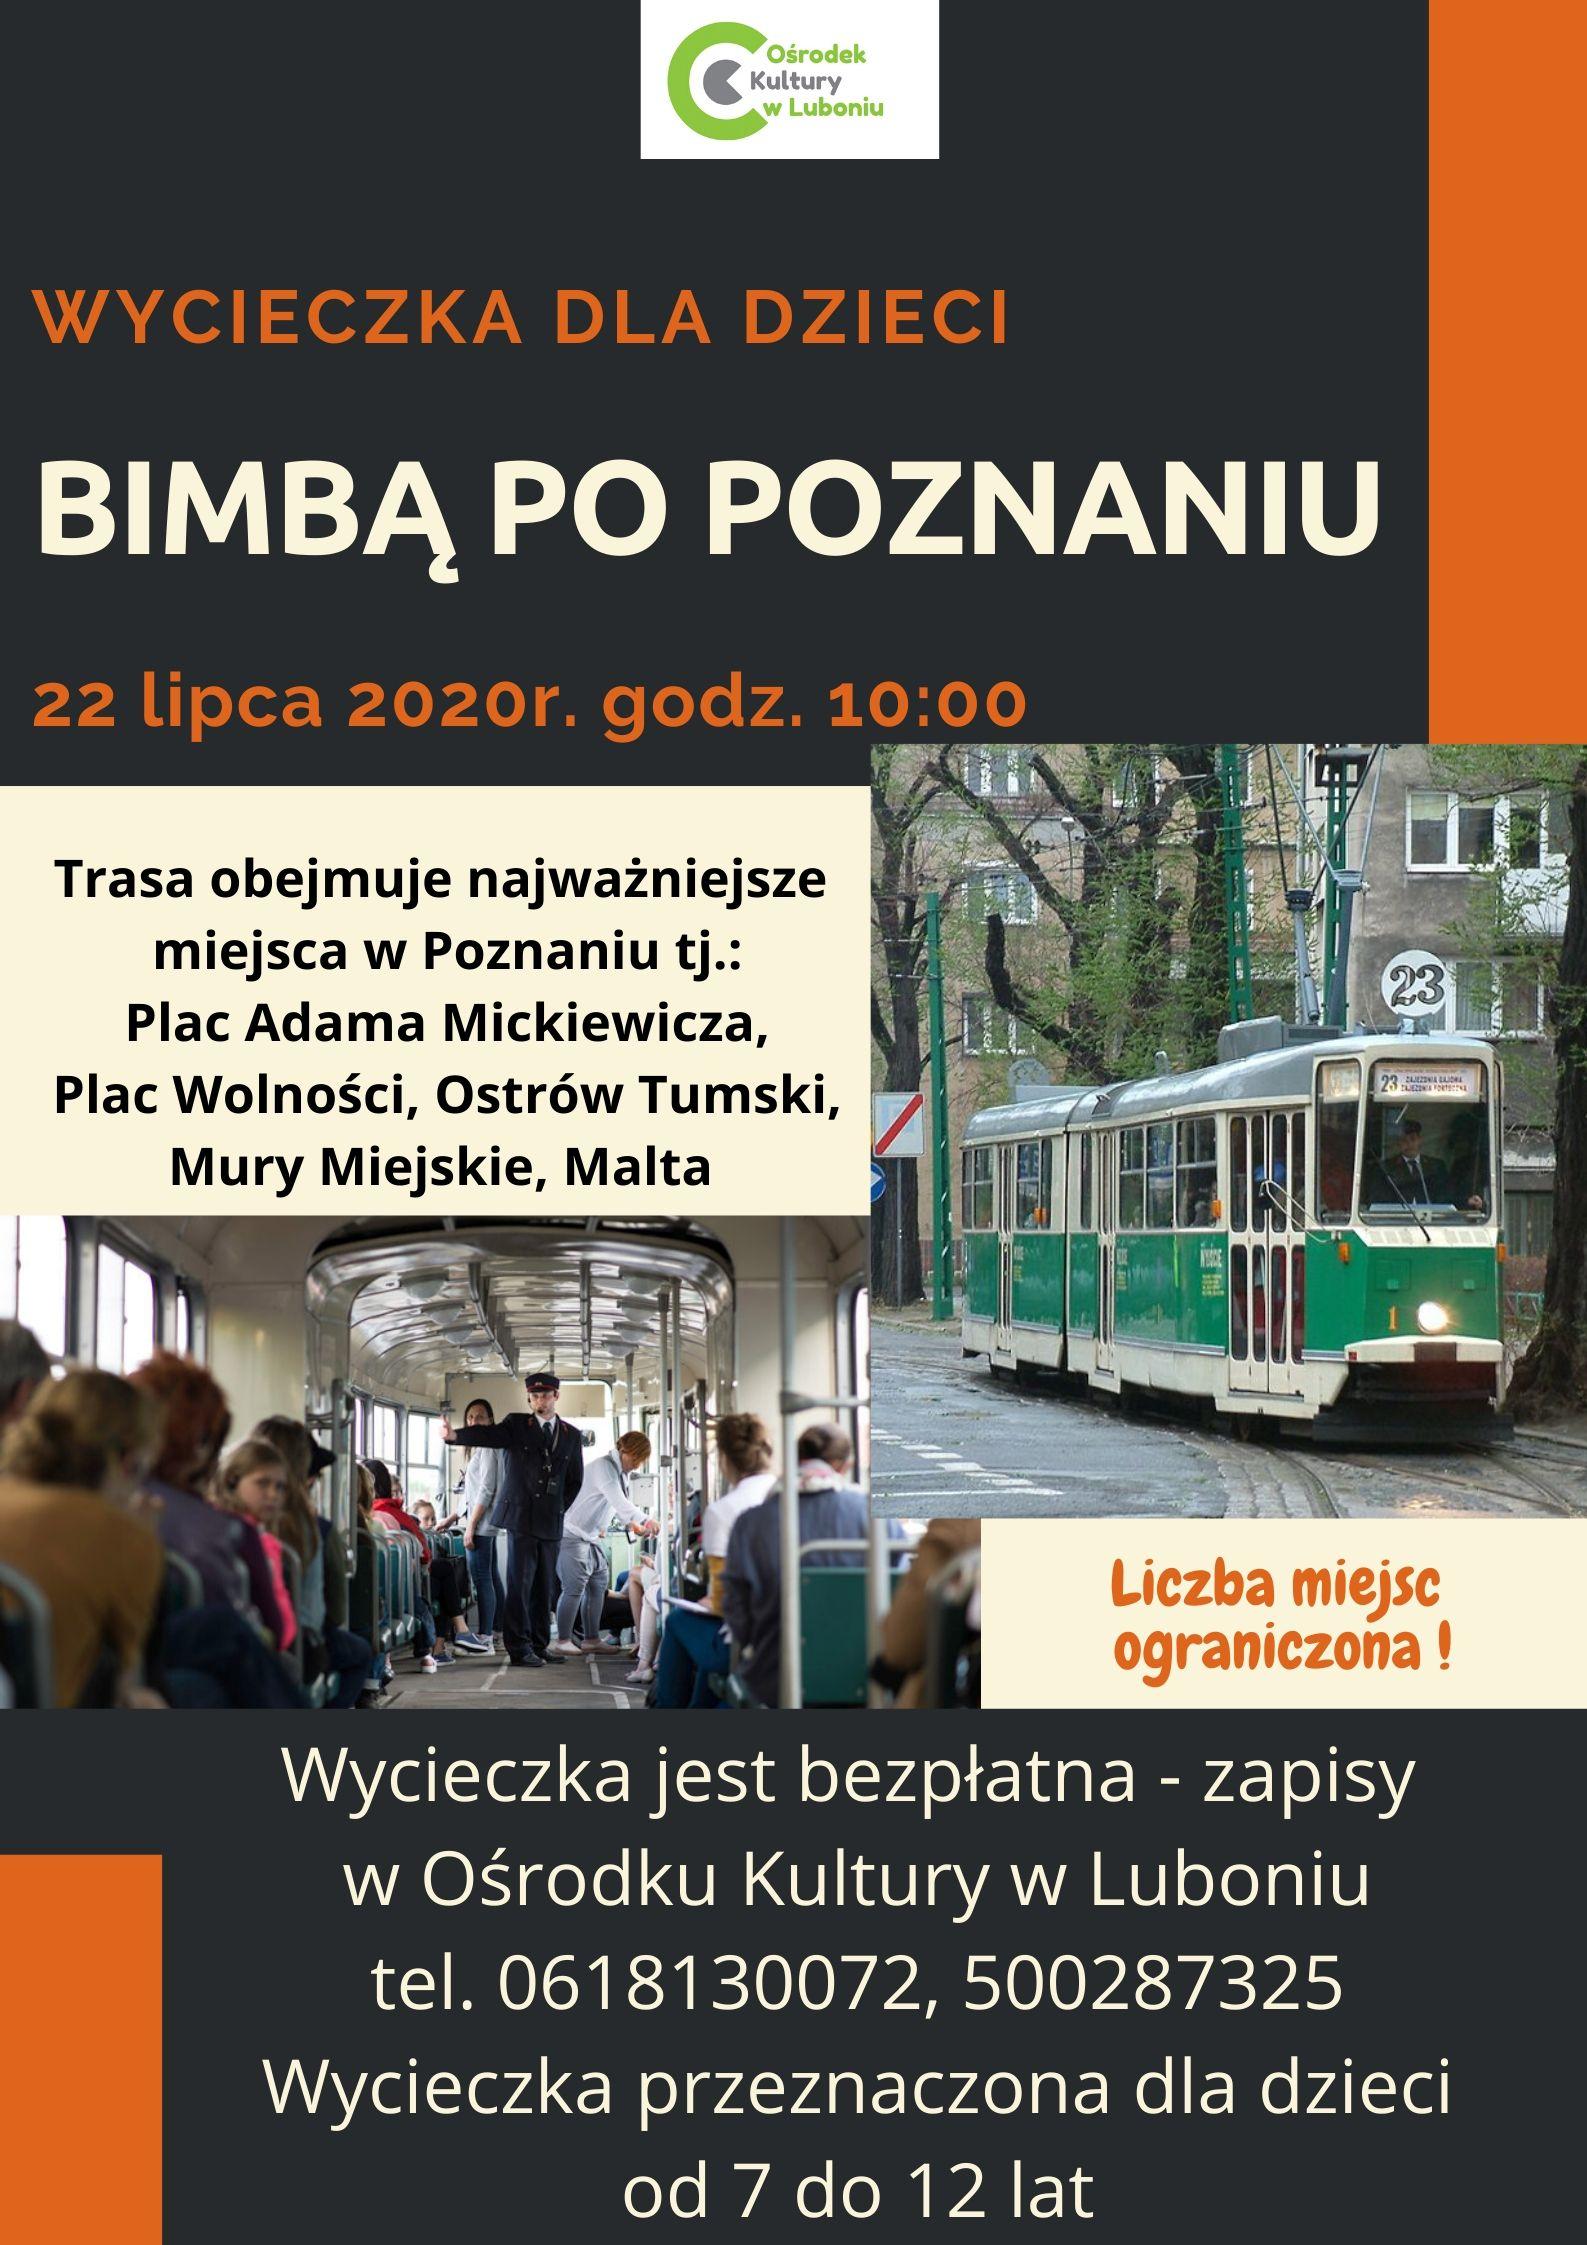 Wycieczka Bimbą po Poznaniu